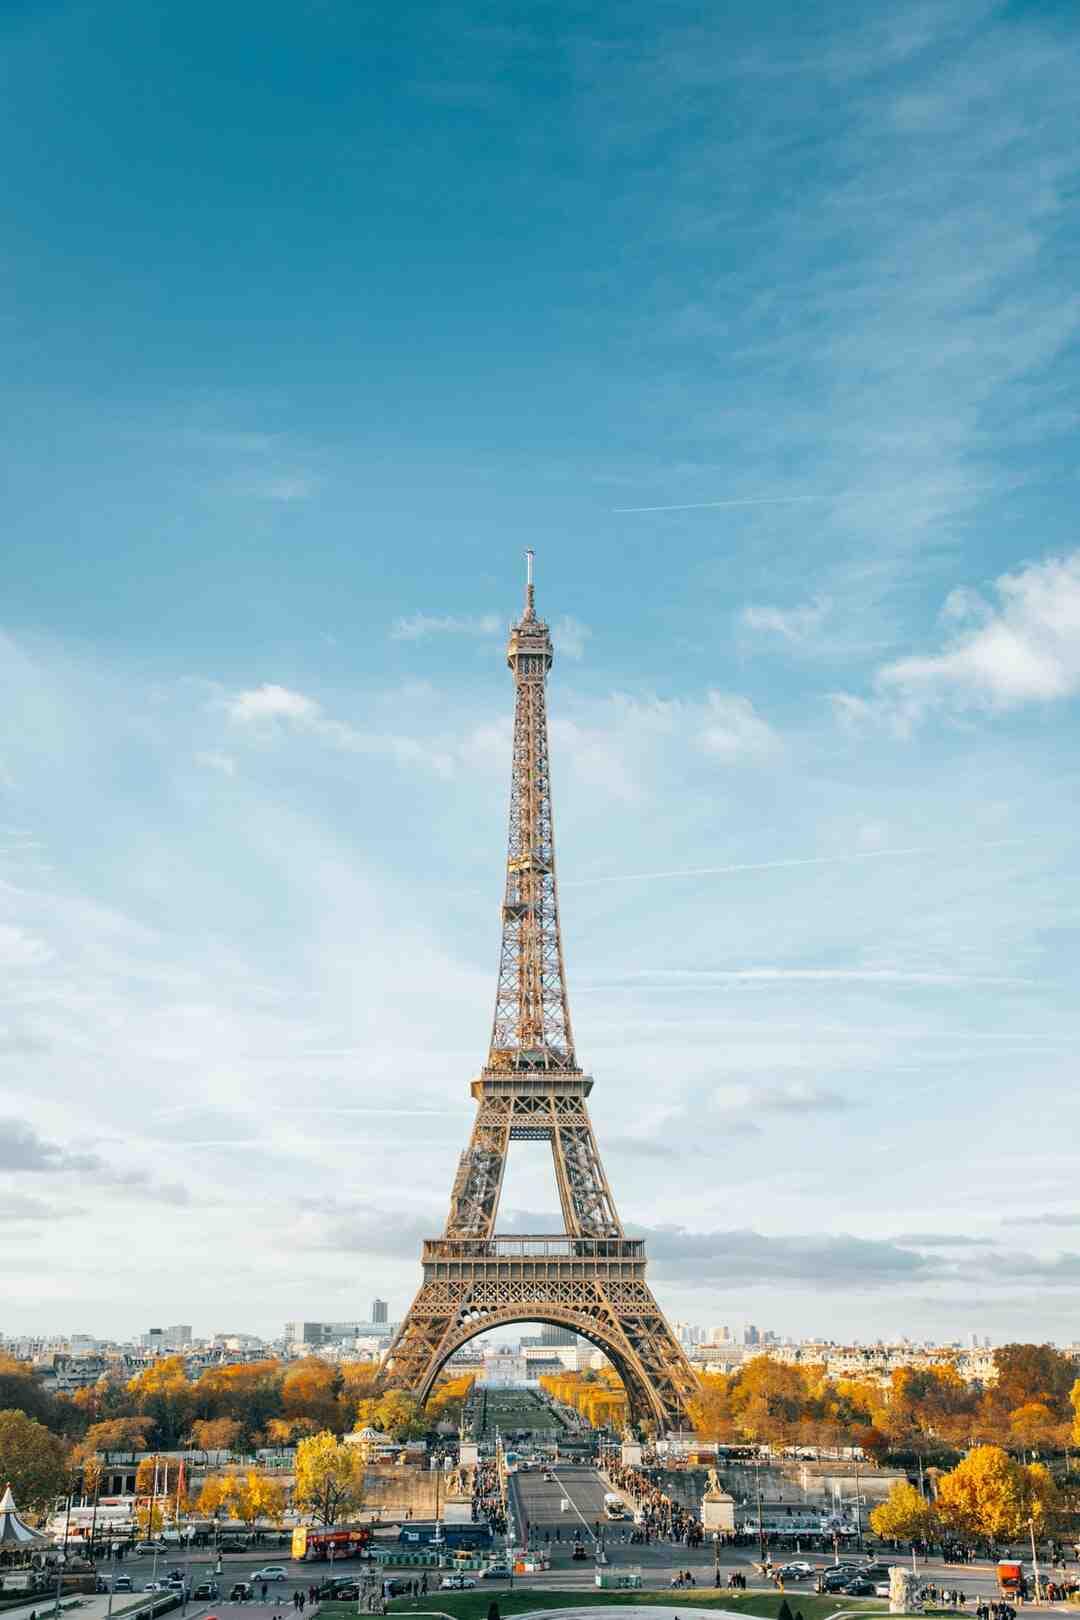 Qui a gagné le plus de Paris-roubaix ?